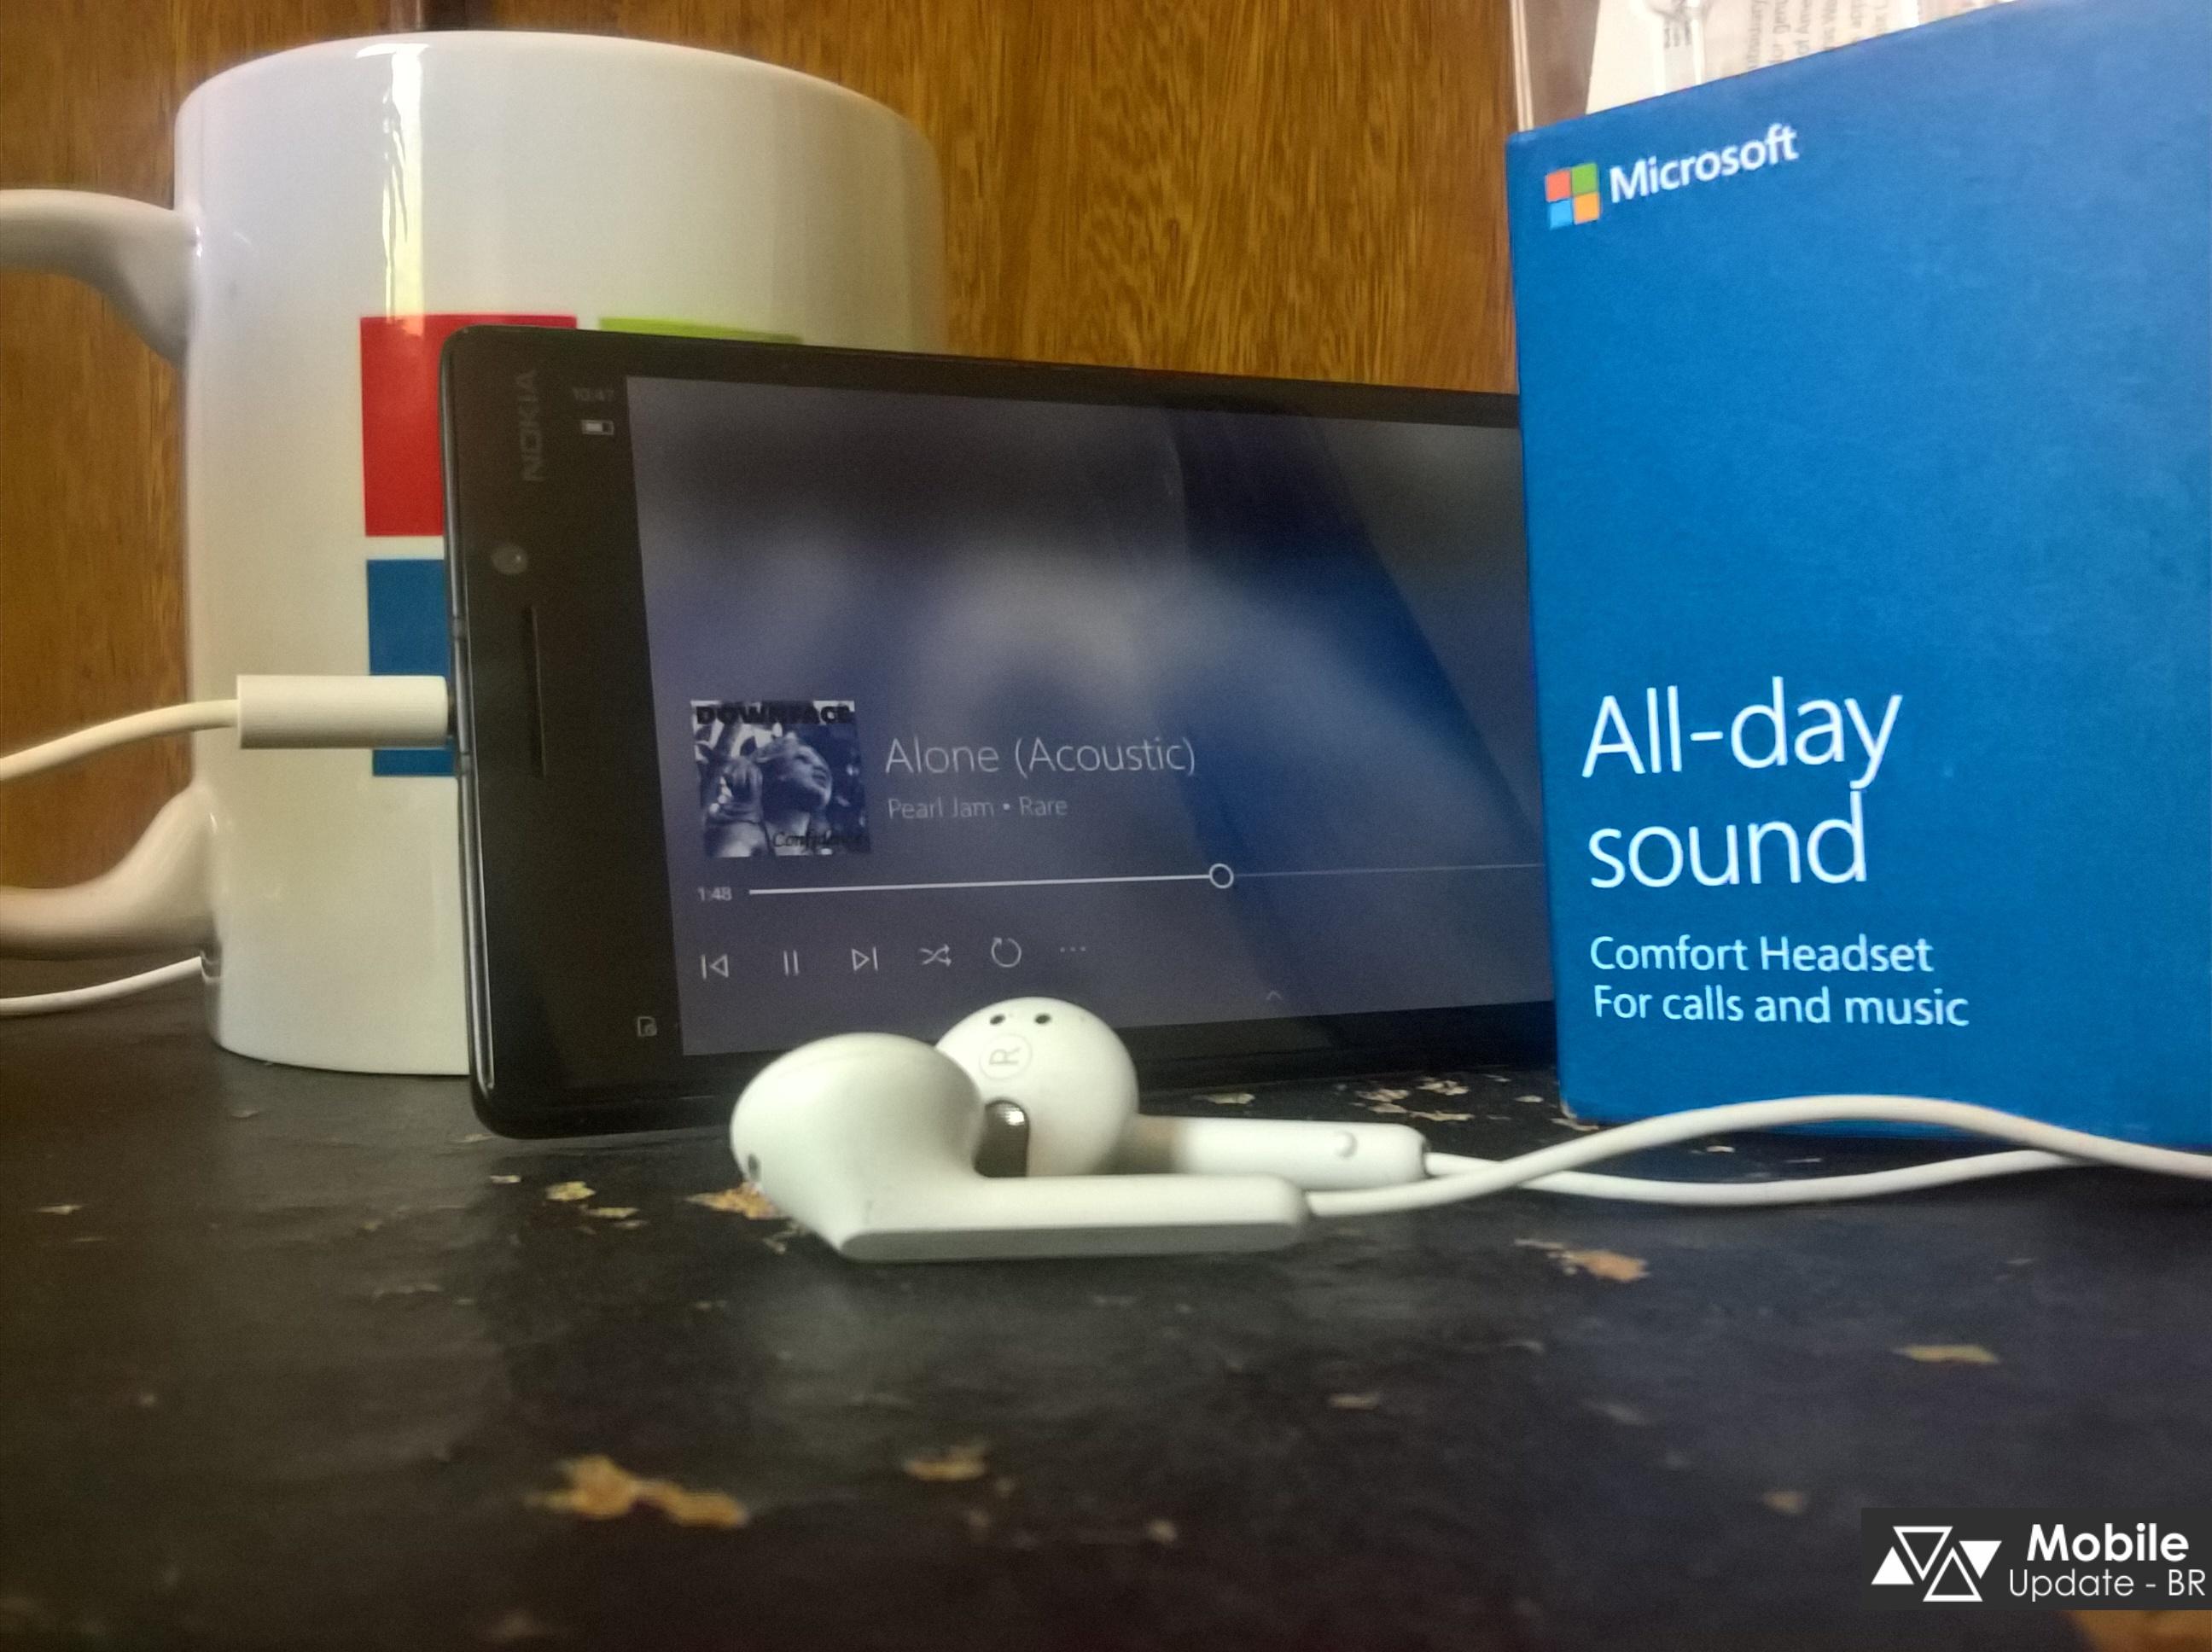 Patente da Microsoft sugere manter o Jack 3,5mm em seus próximos dispositivos móveis